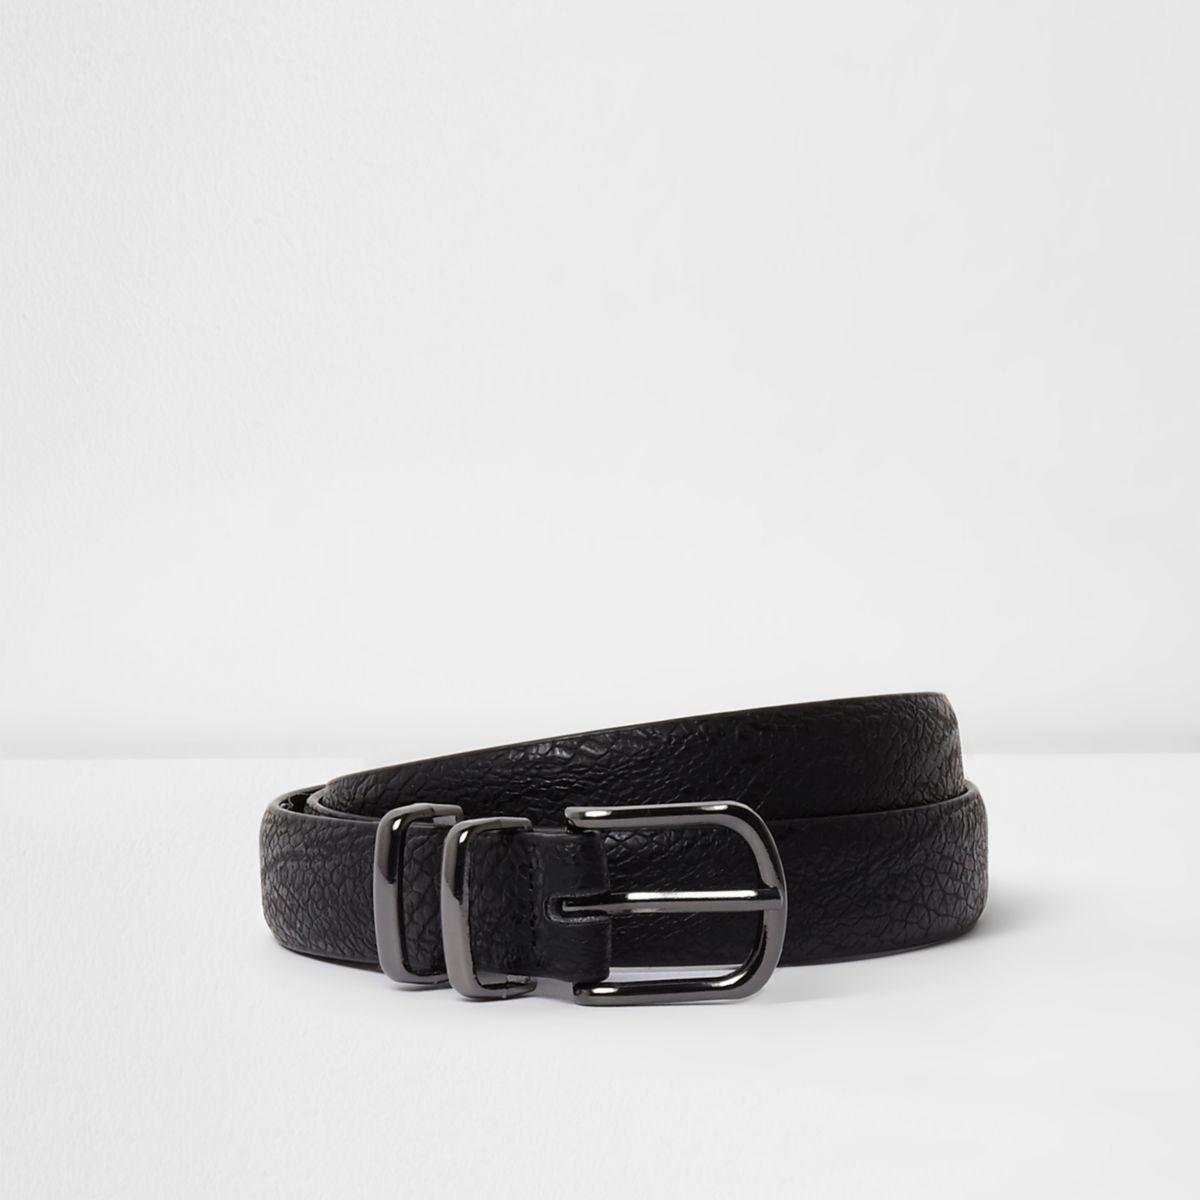 Black snake embossed belt